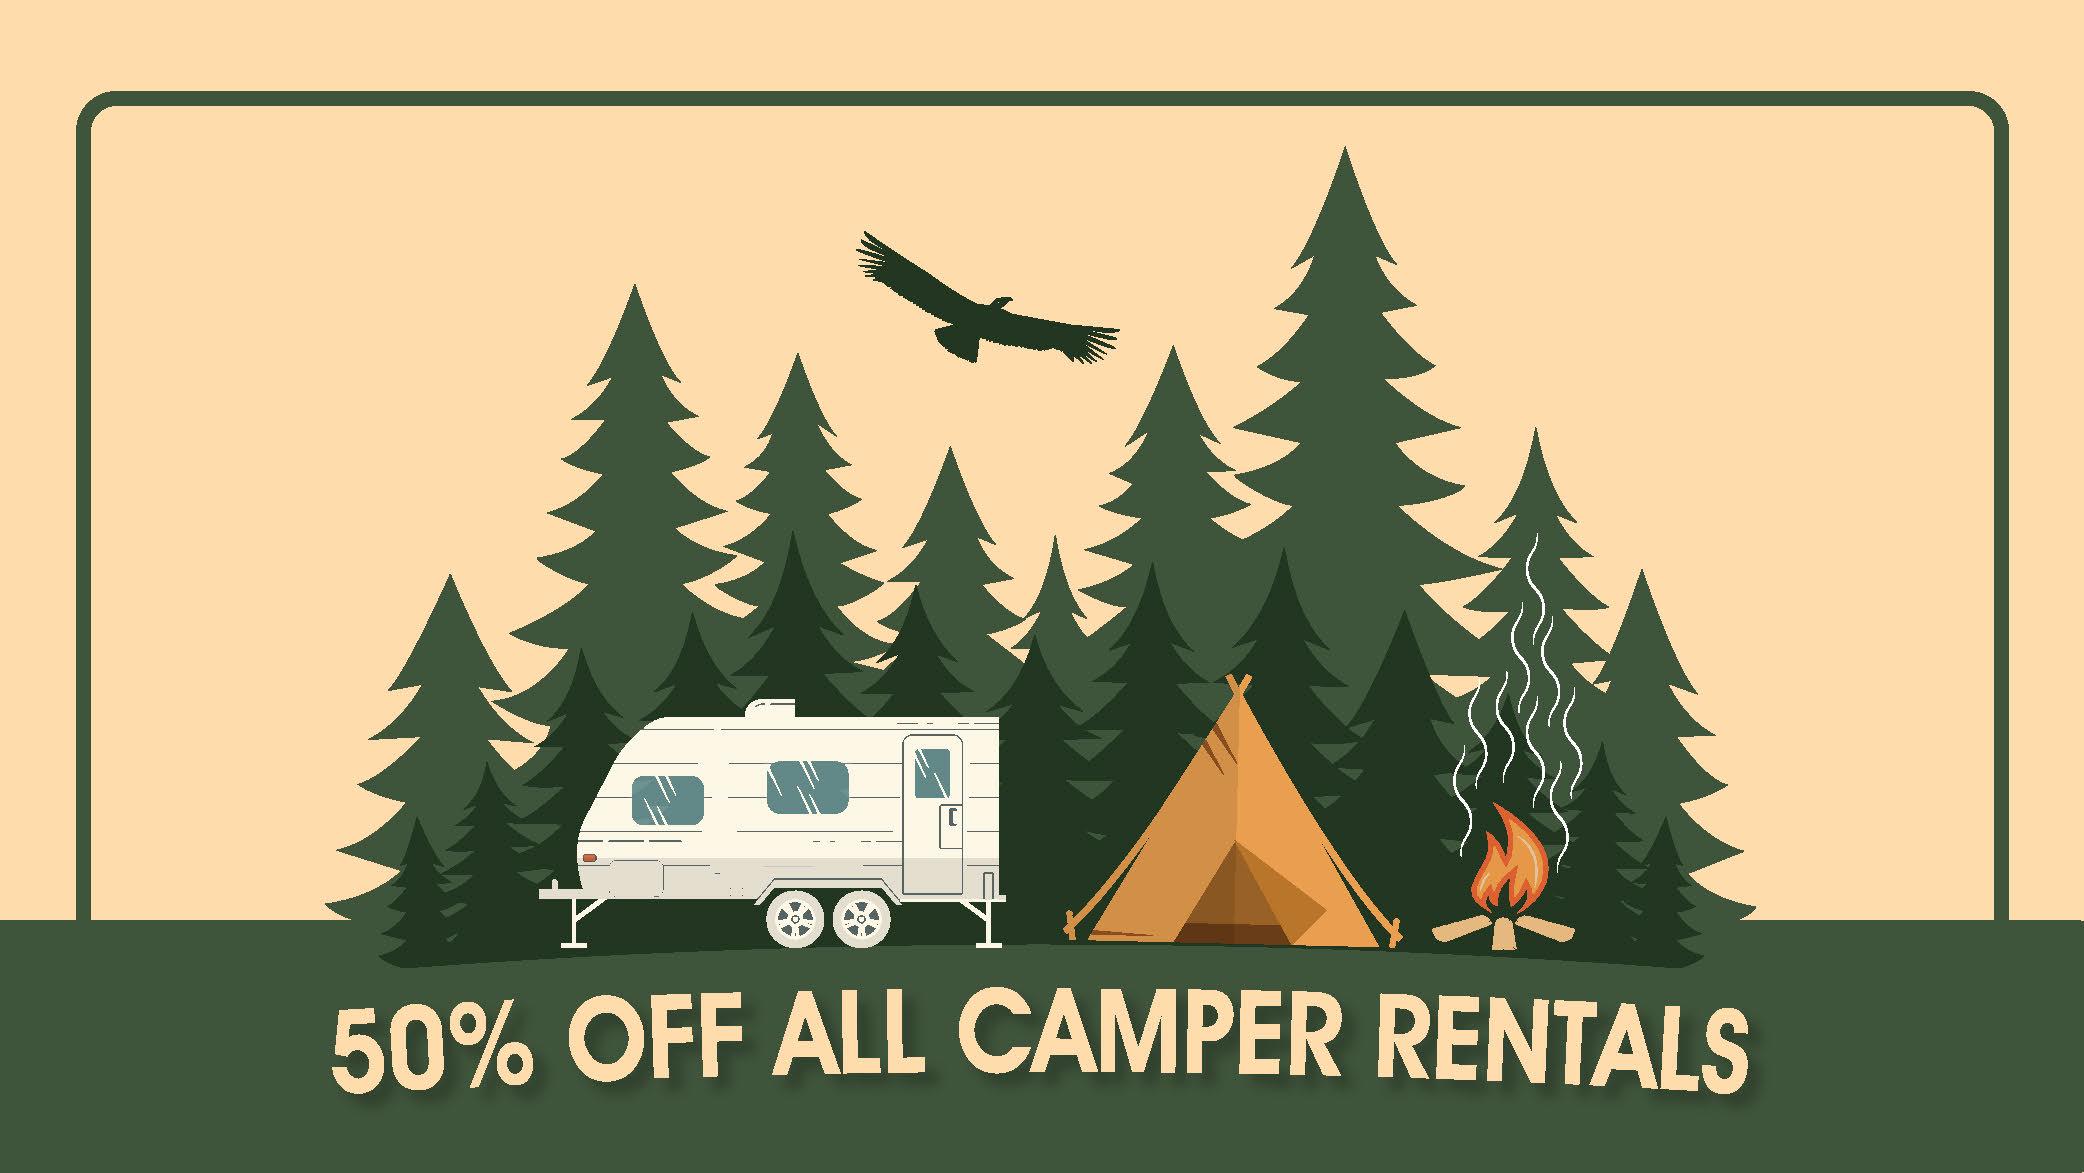 50% Off Camper Rentals